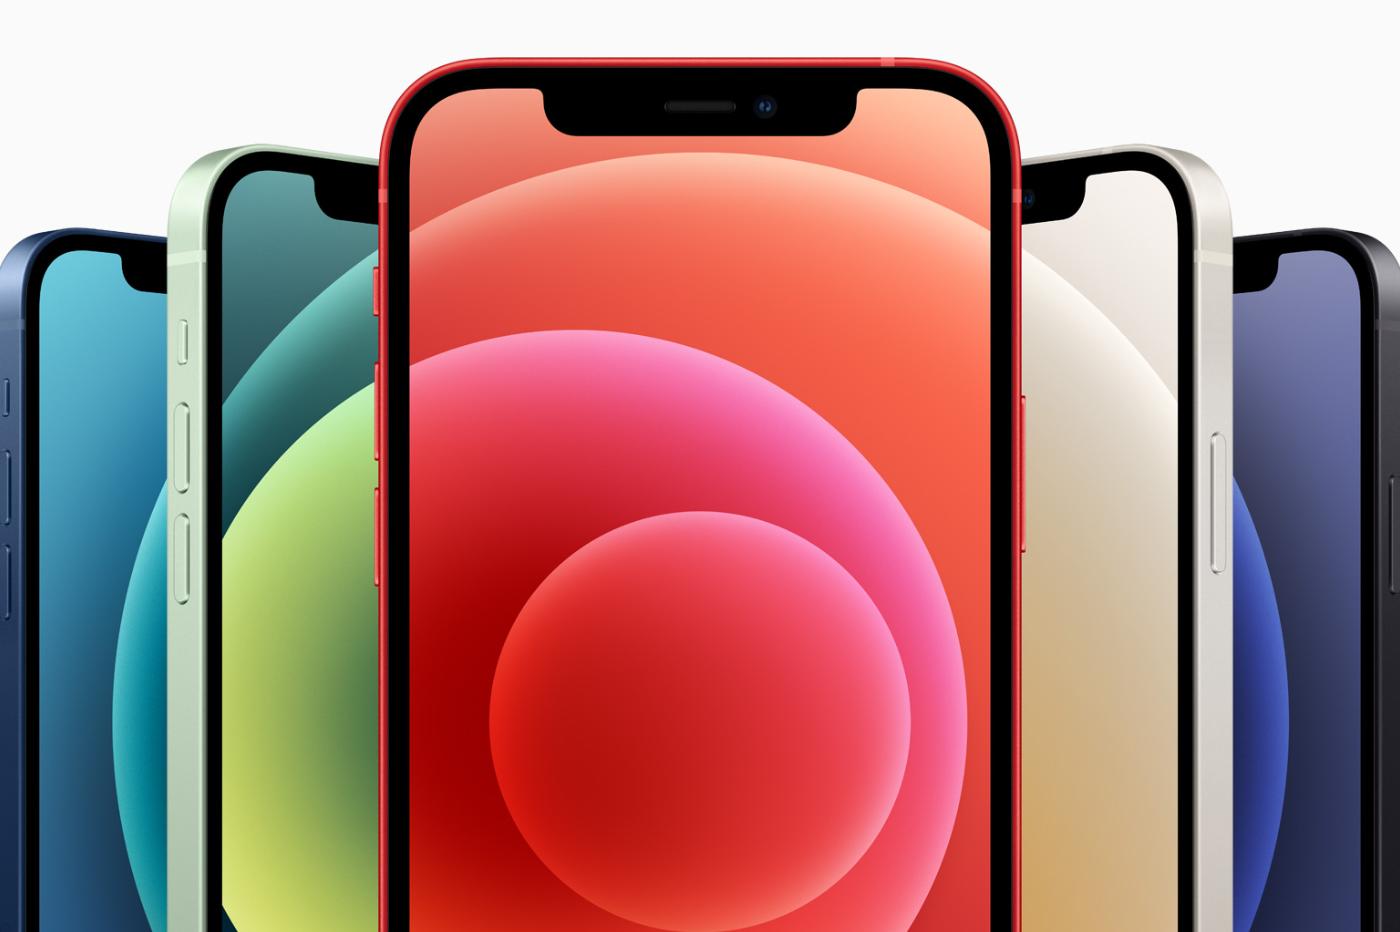 Bon plan : le prix des iPhone 12 en chute chez Amazon 🔥 - Presse-citron